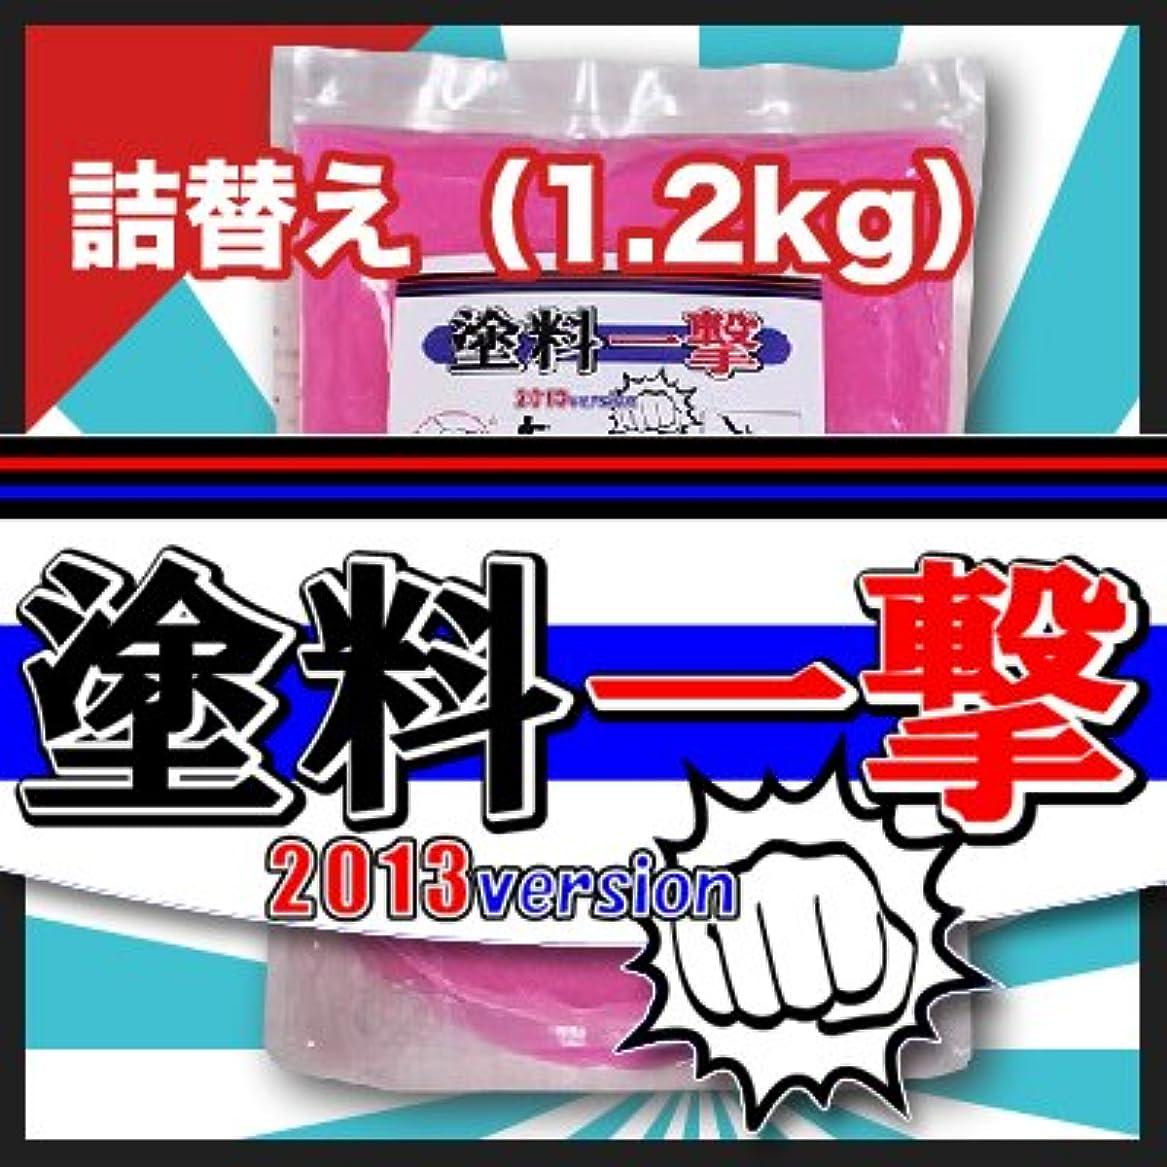 韓国好奇心店員D.Iプランニング 塗料一撃 2013 Version 詰め替え (1.2kg)